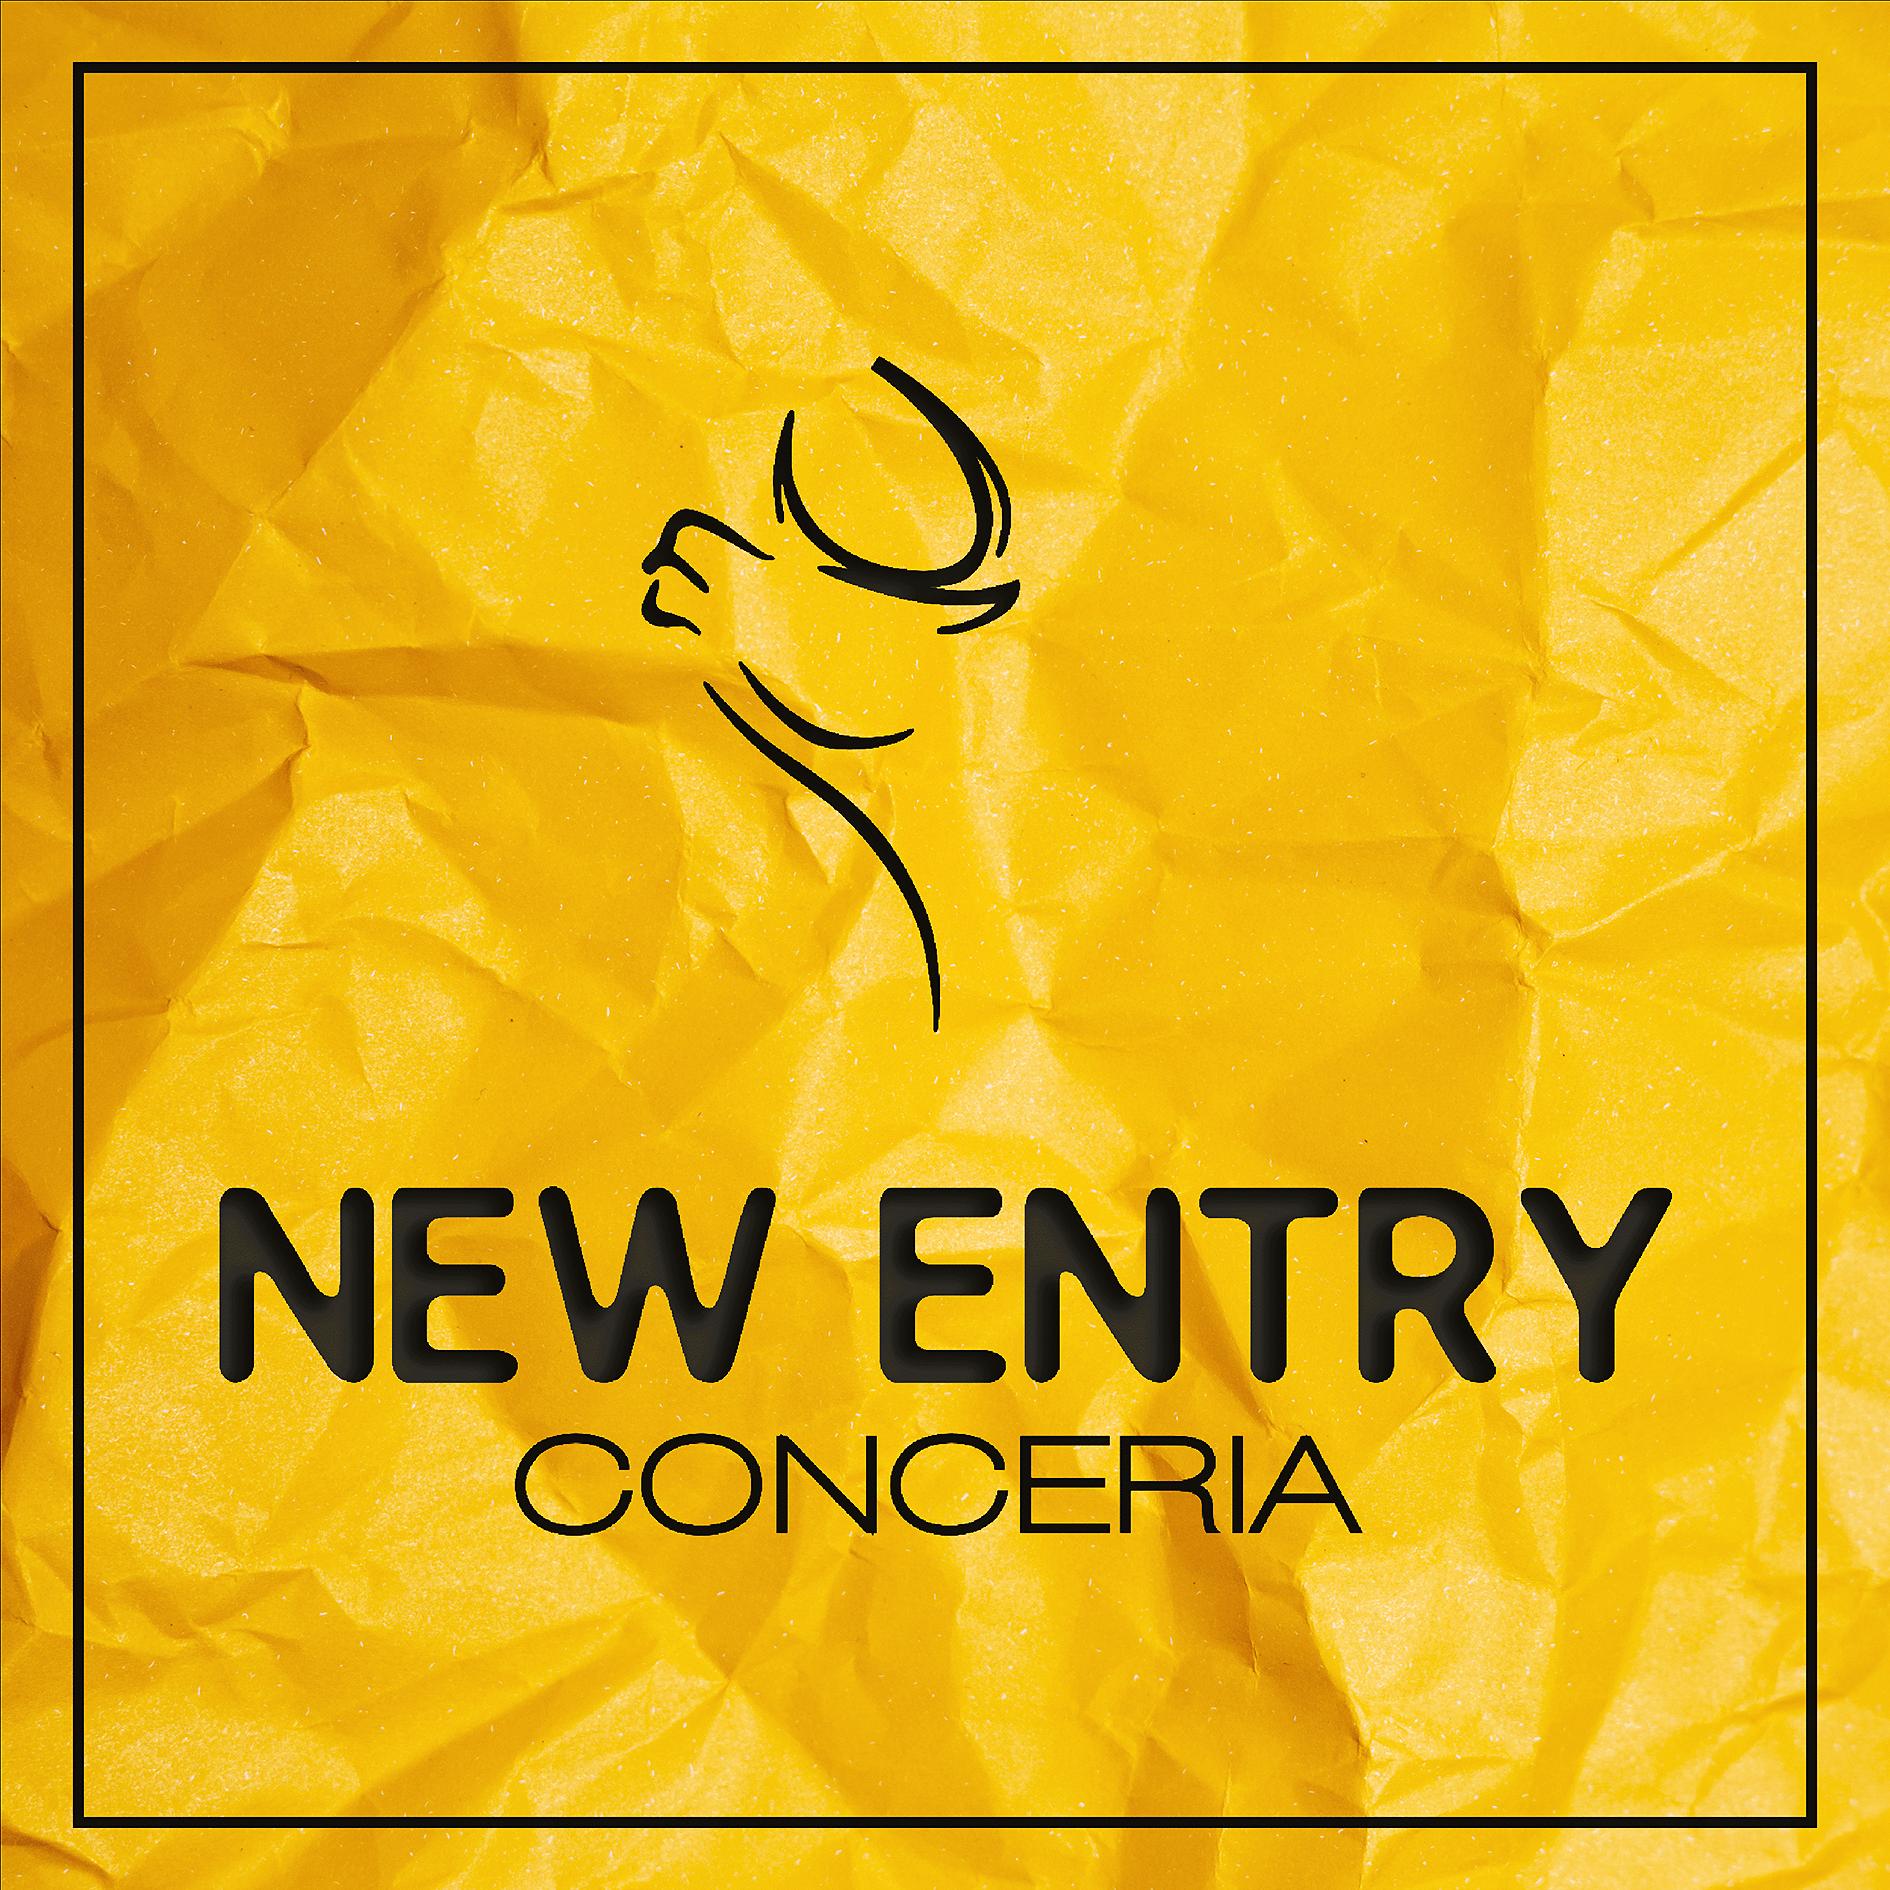 CONCERIA NEW ENTRY SRL